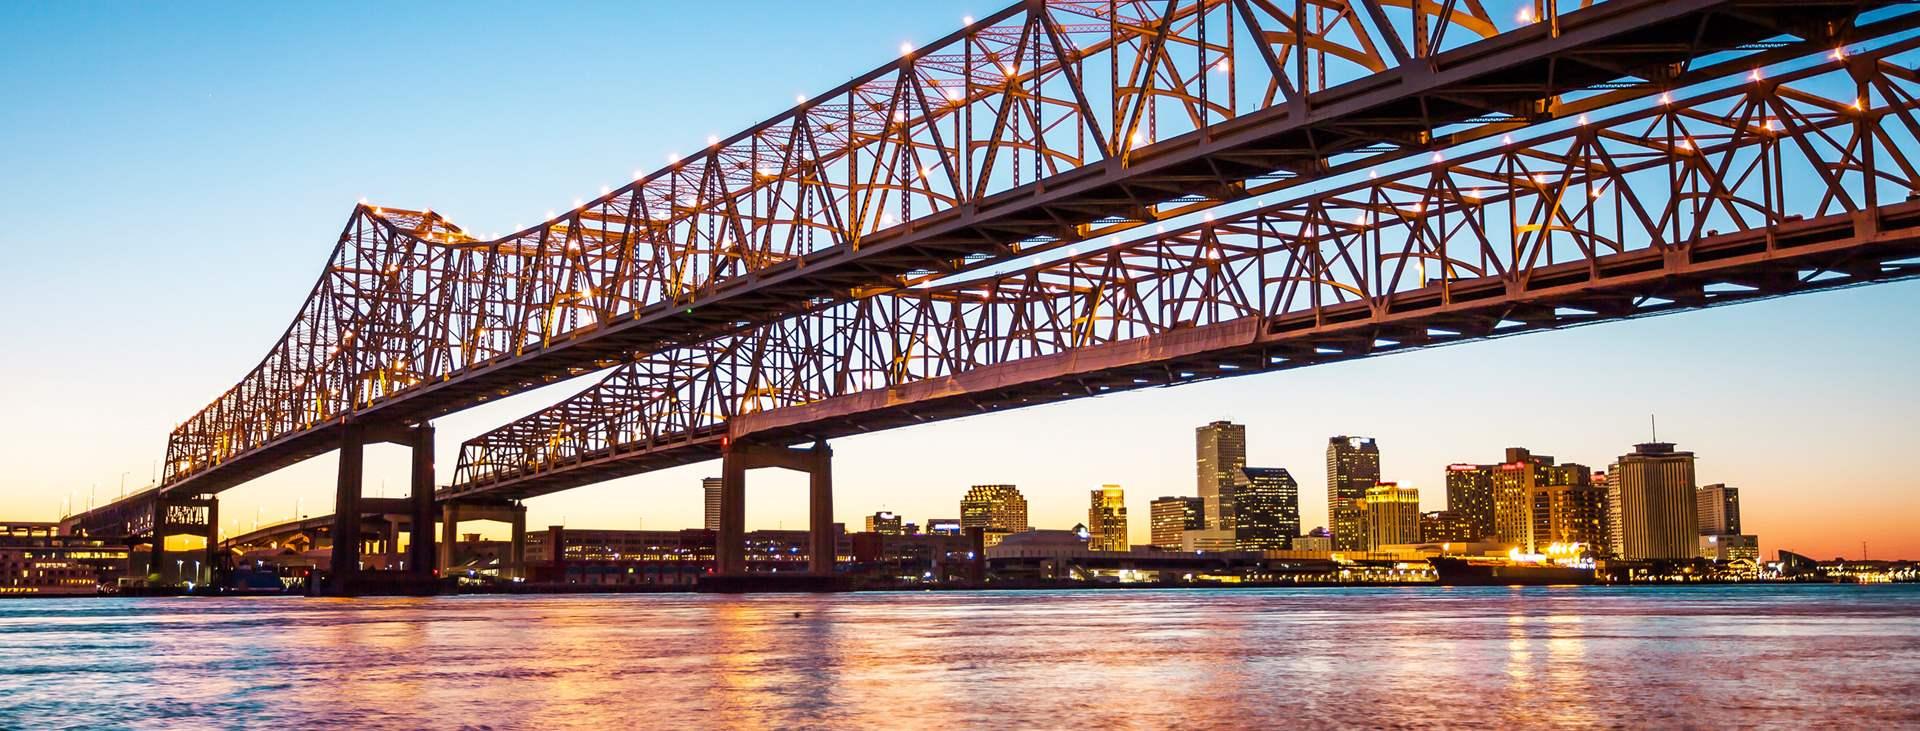 Bestill en reise med Ving til New Orleans i USA